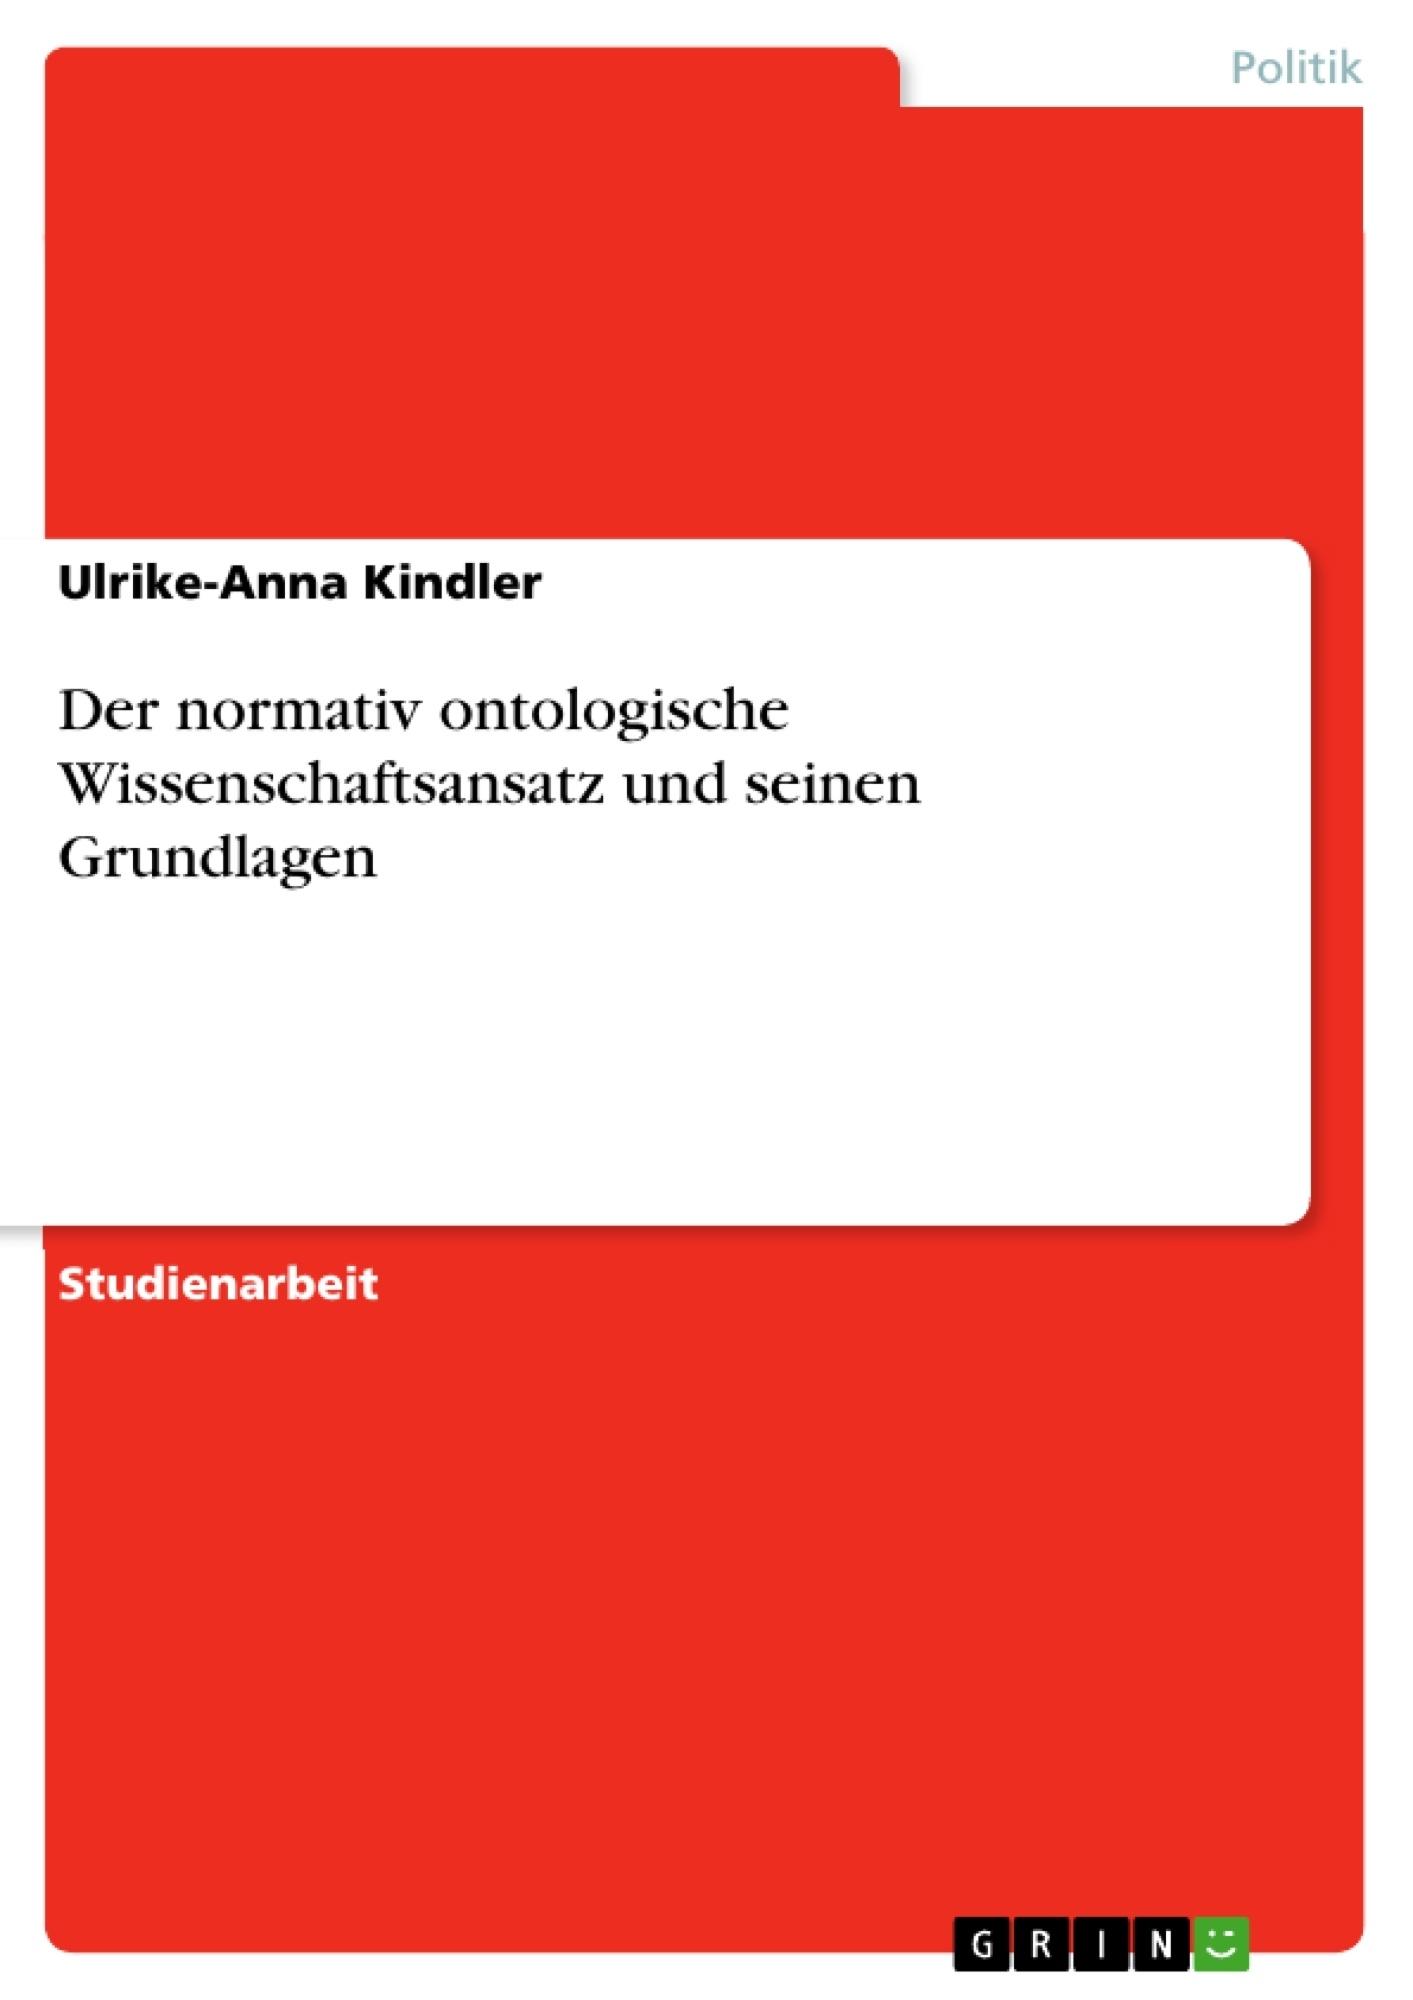 Titel: Der normativ ontologische Wissenschaftsansatz und seinen Grundlagen